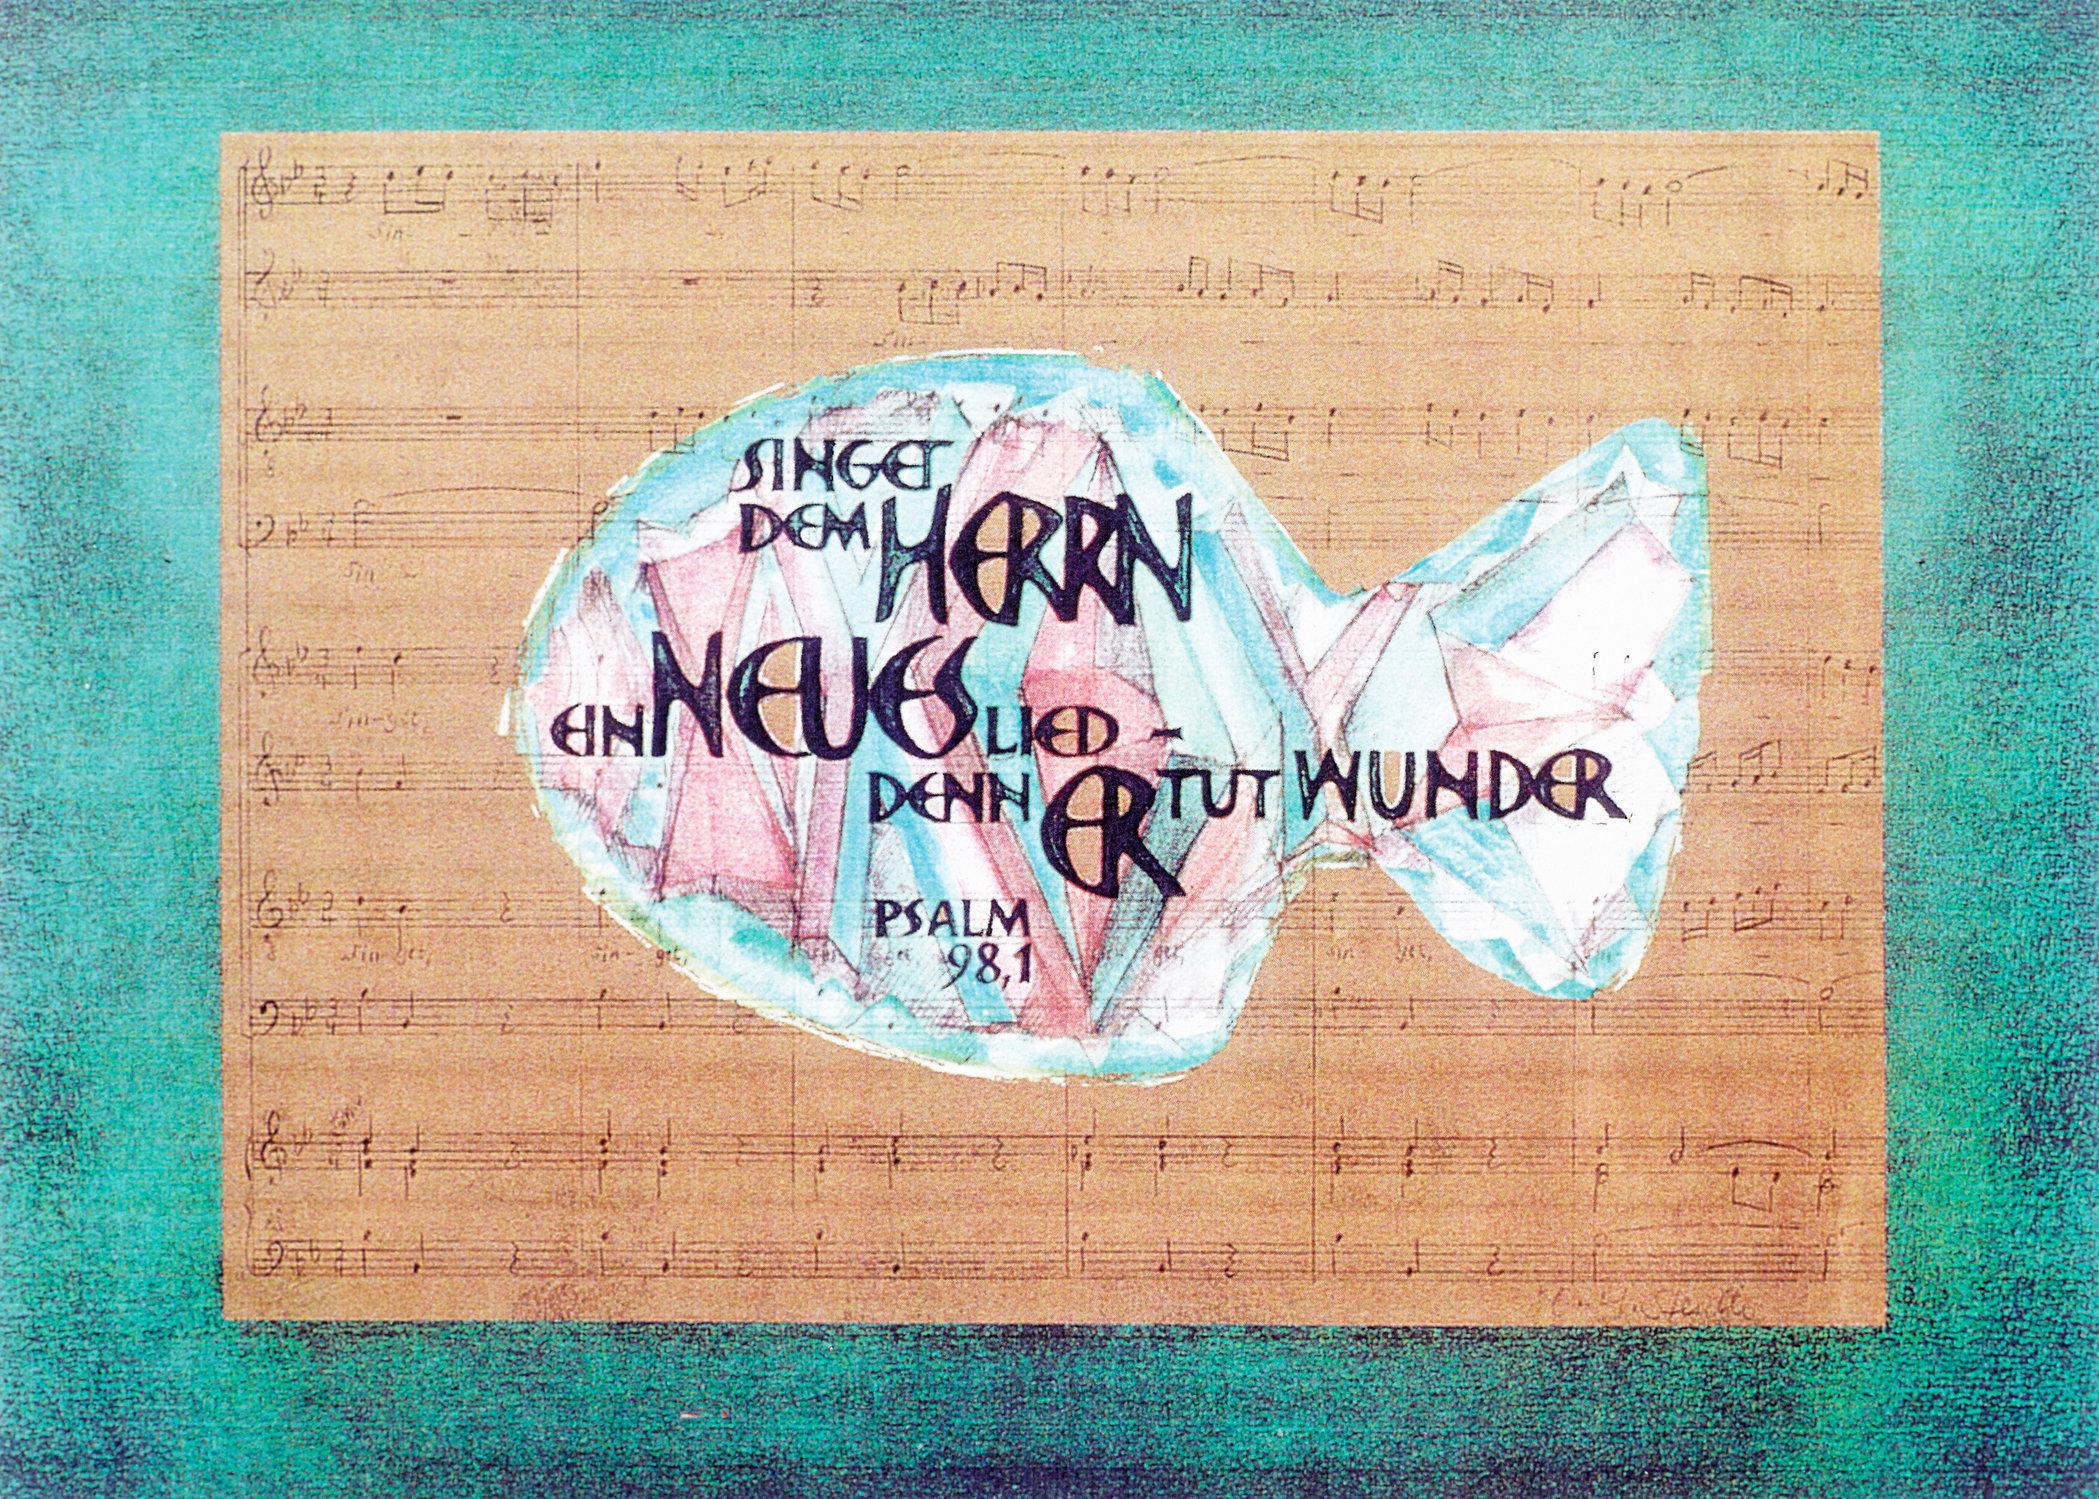 Singet dem Herrn ein neues Lied